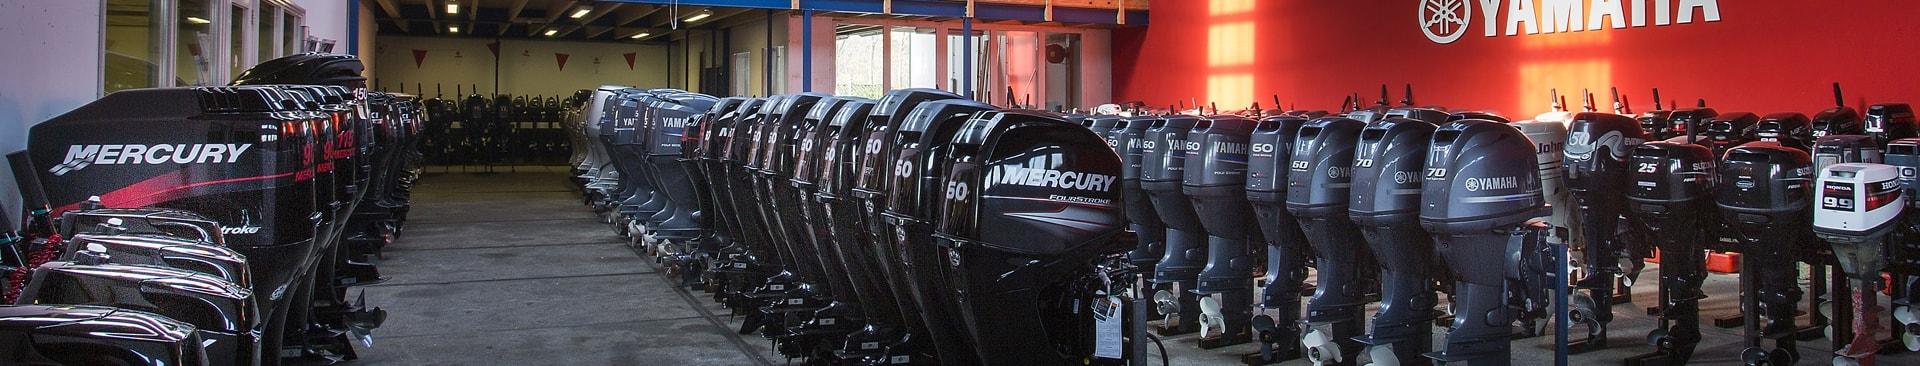 Tweedehands buitenboordmotoren te koop